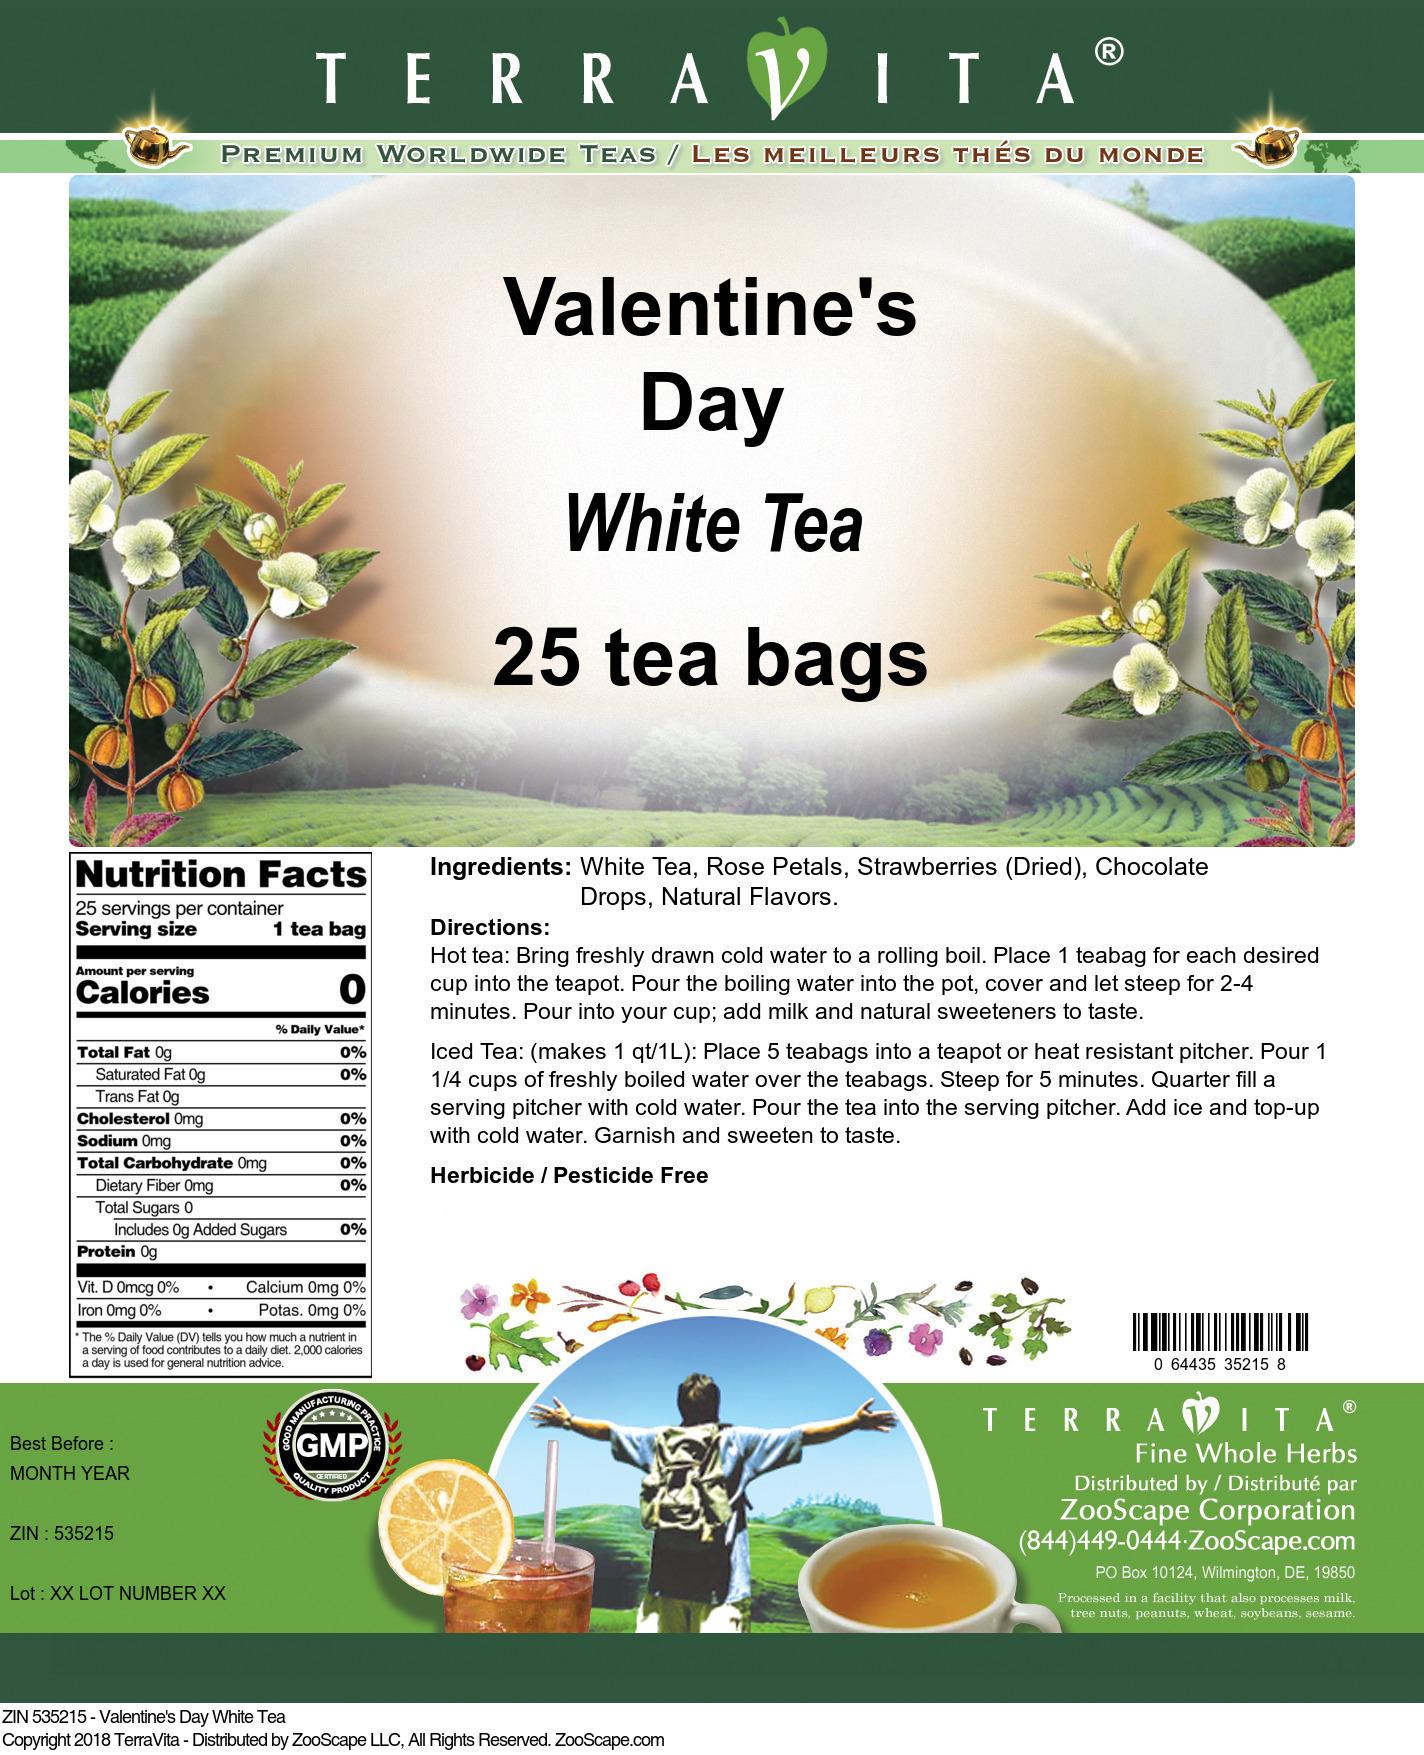 Valentine's Day White Tea